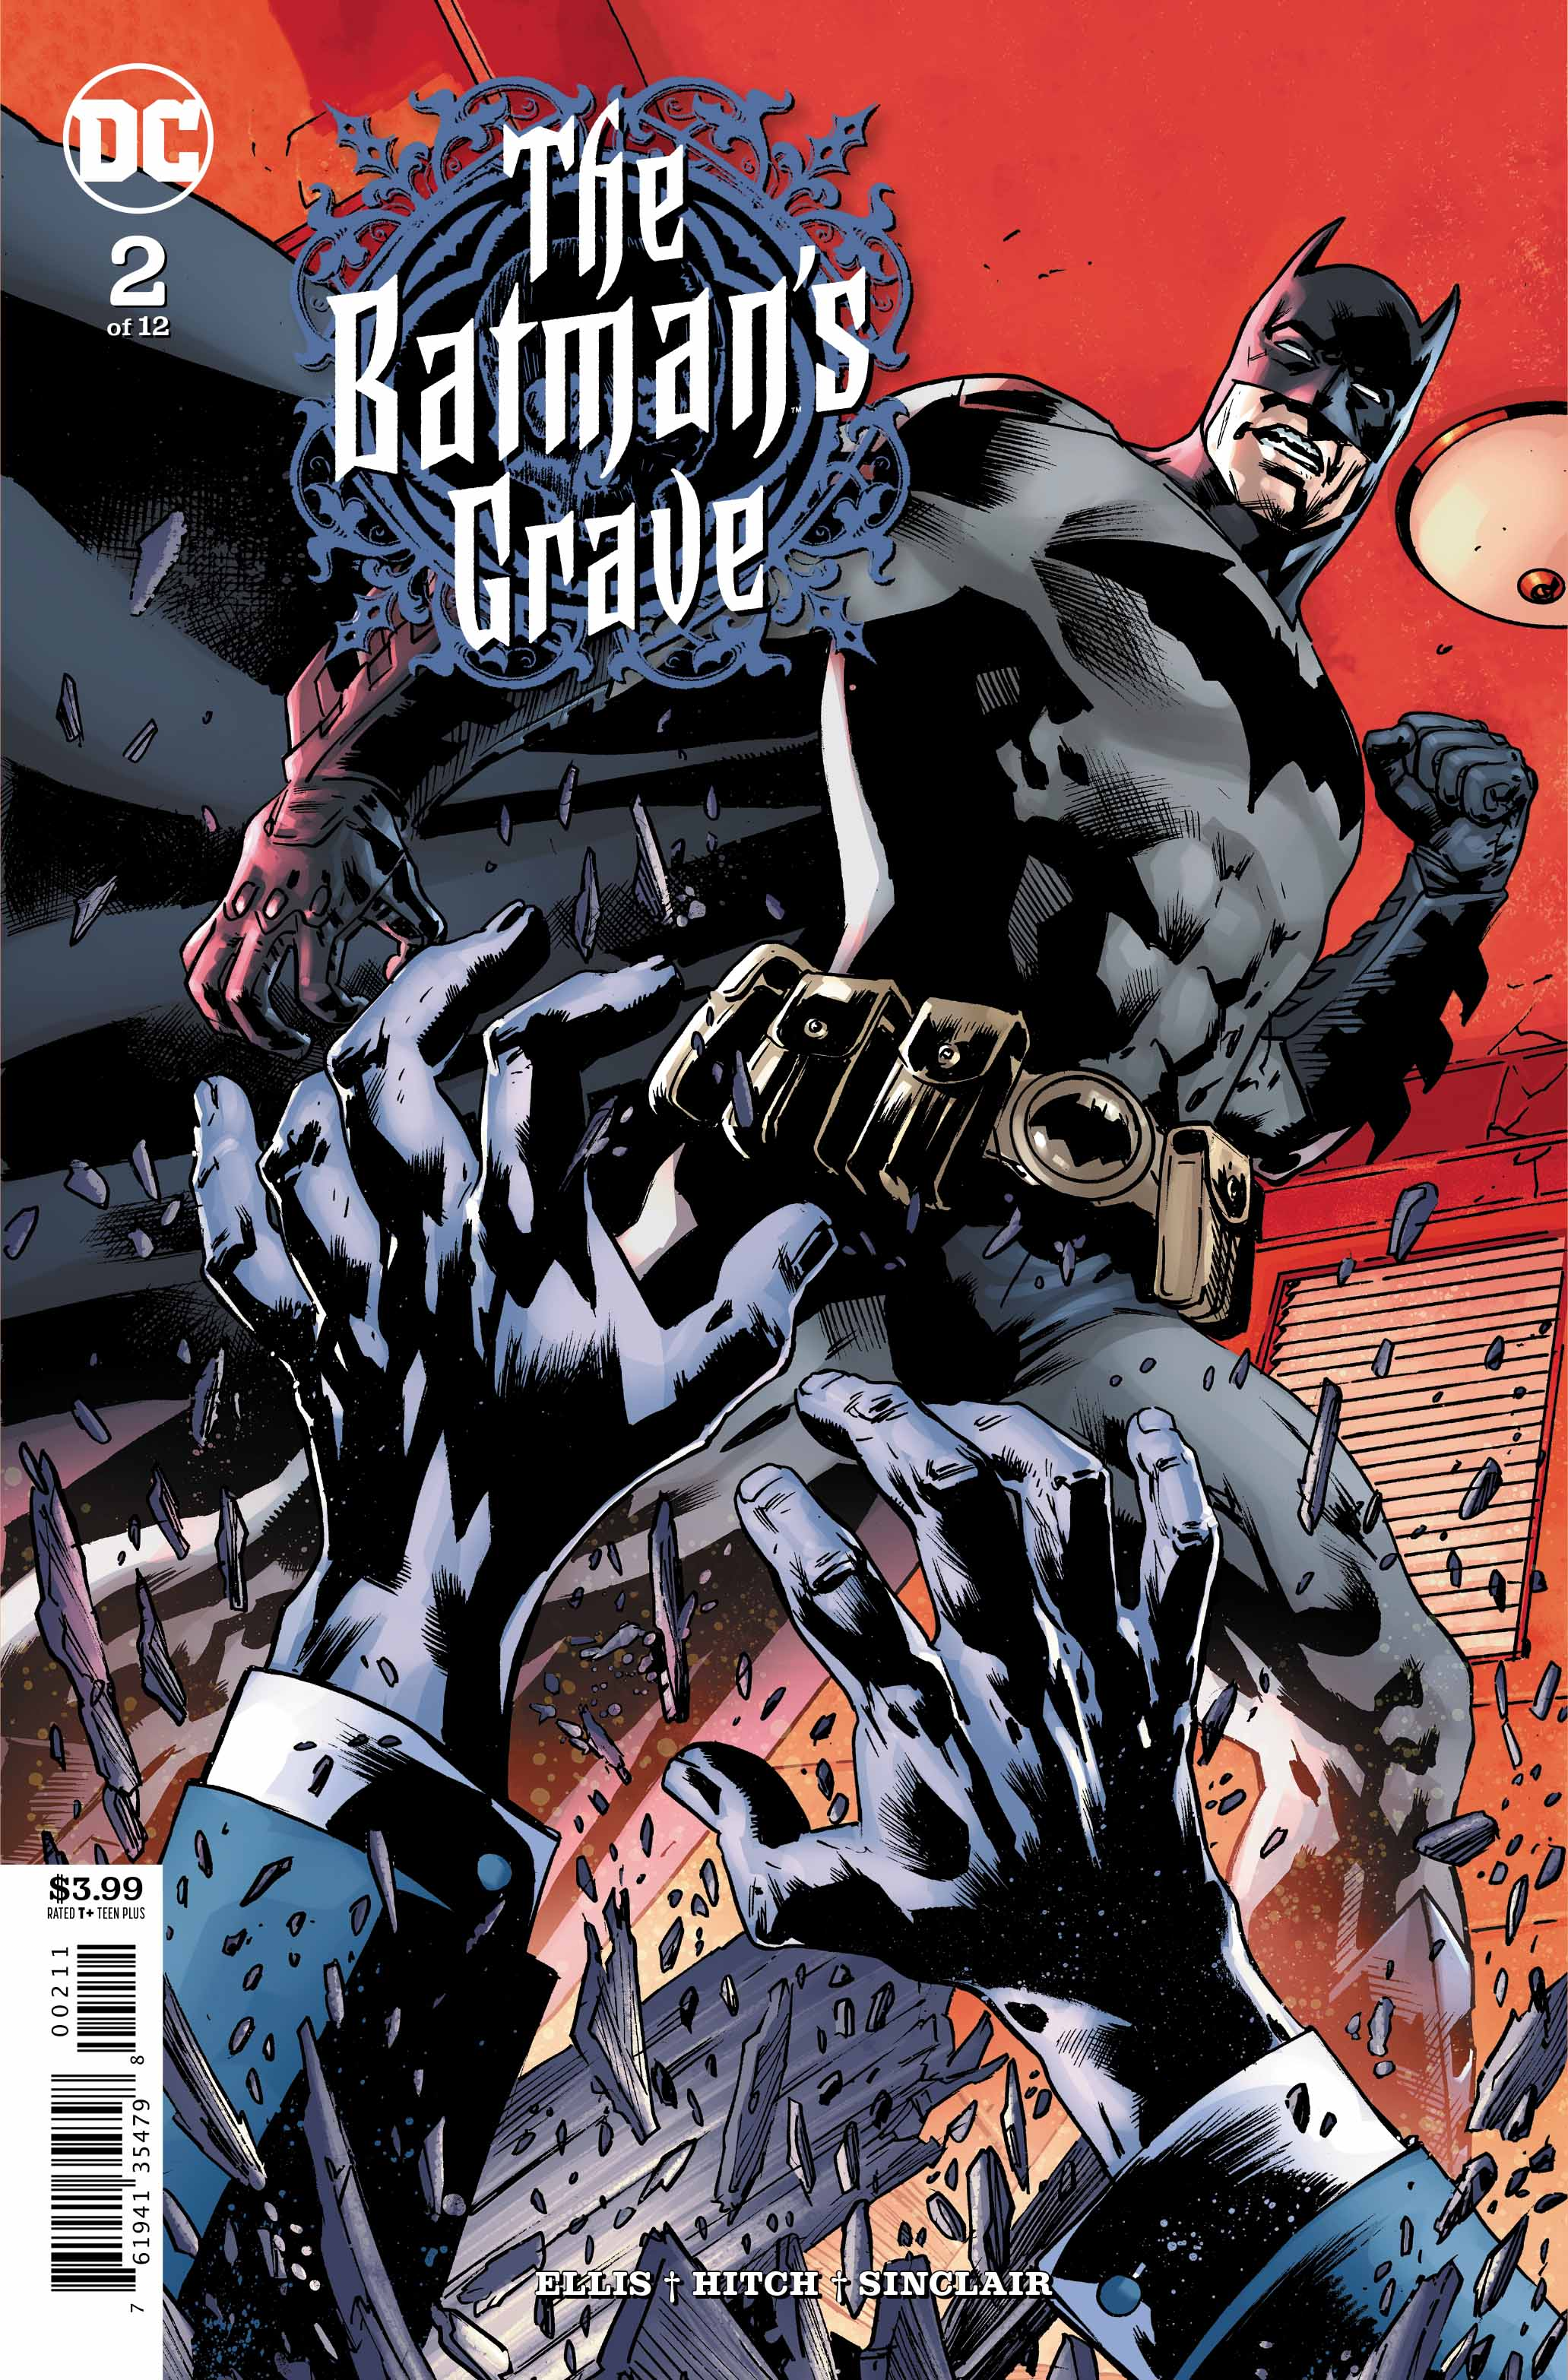 batman's grave #2